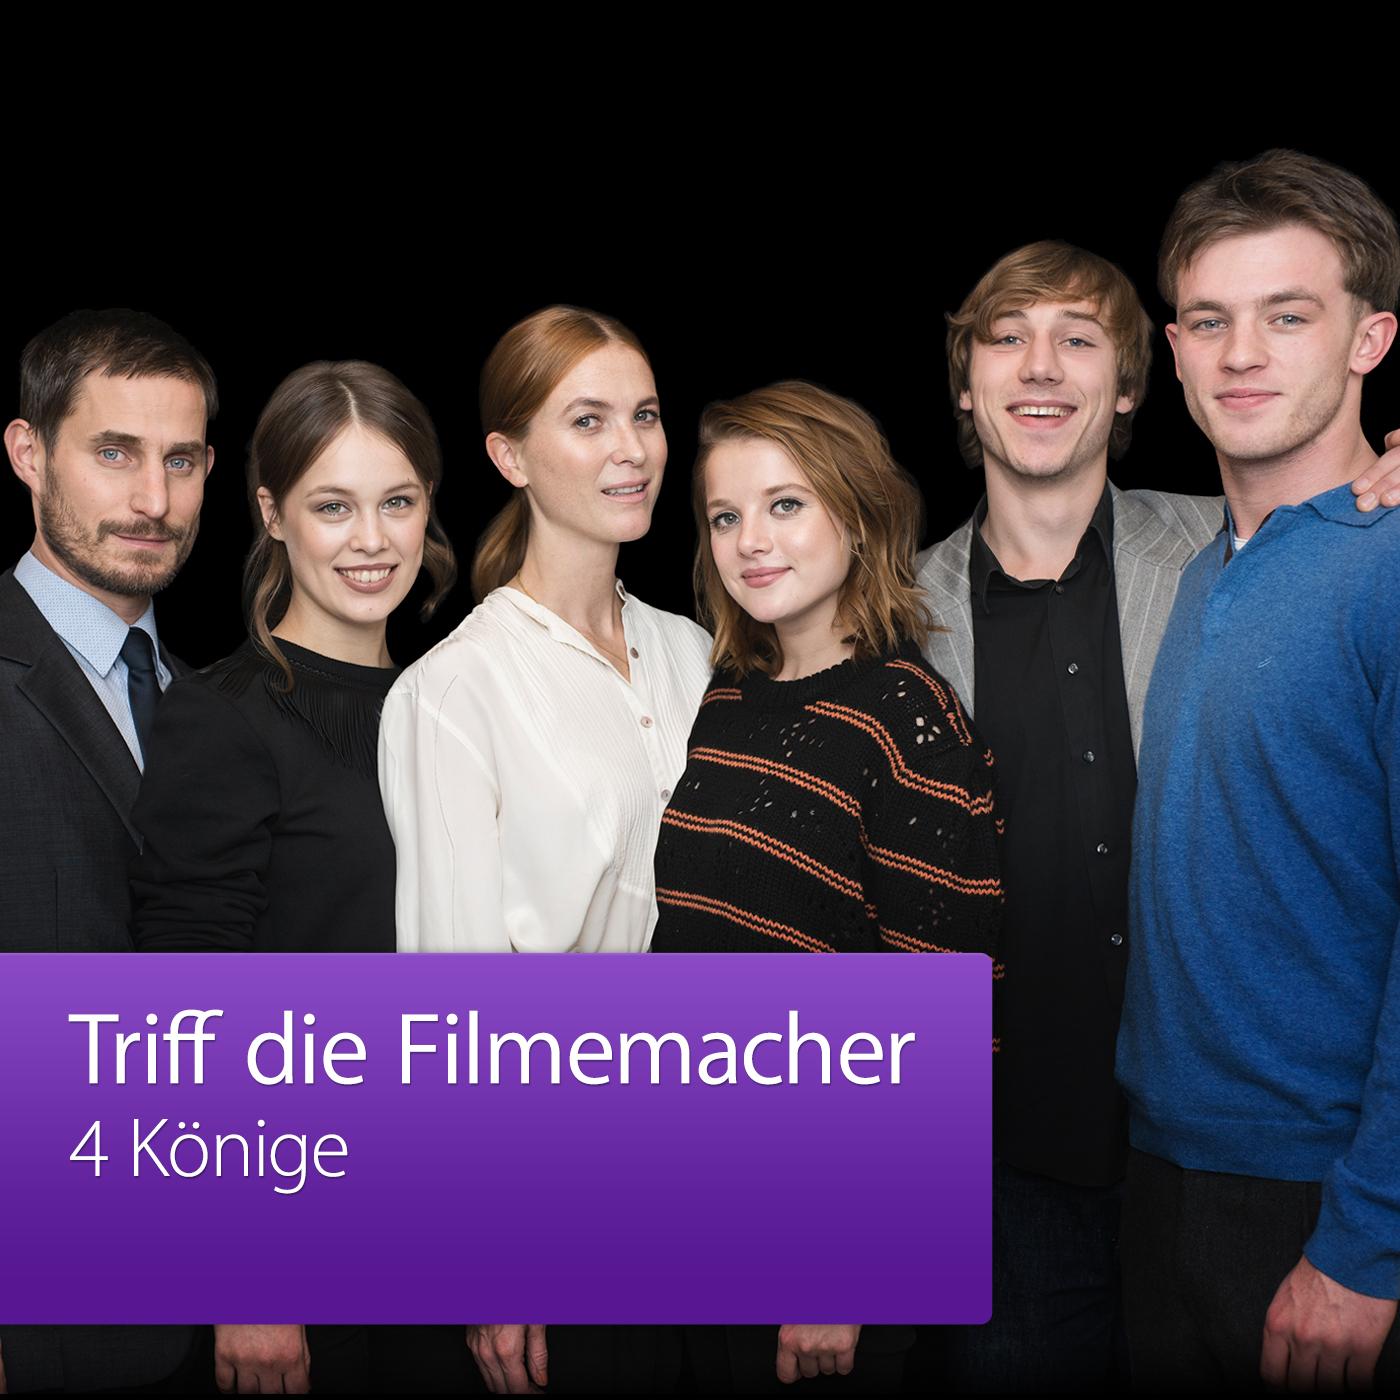 4 Könige: Triff die Filmemacher